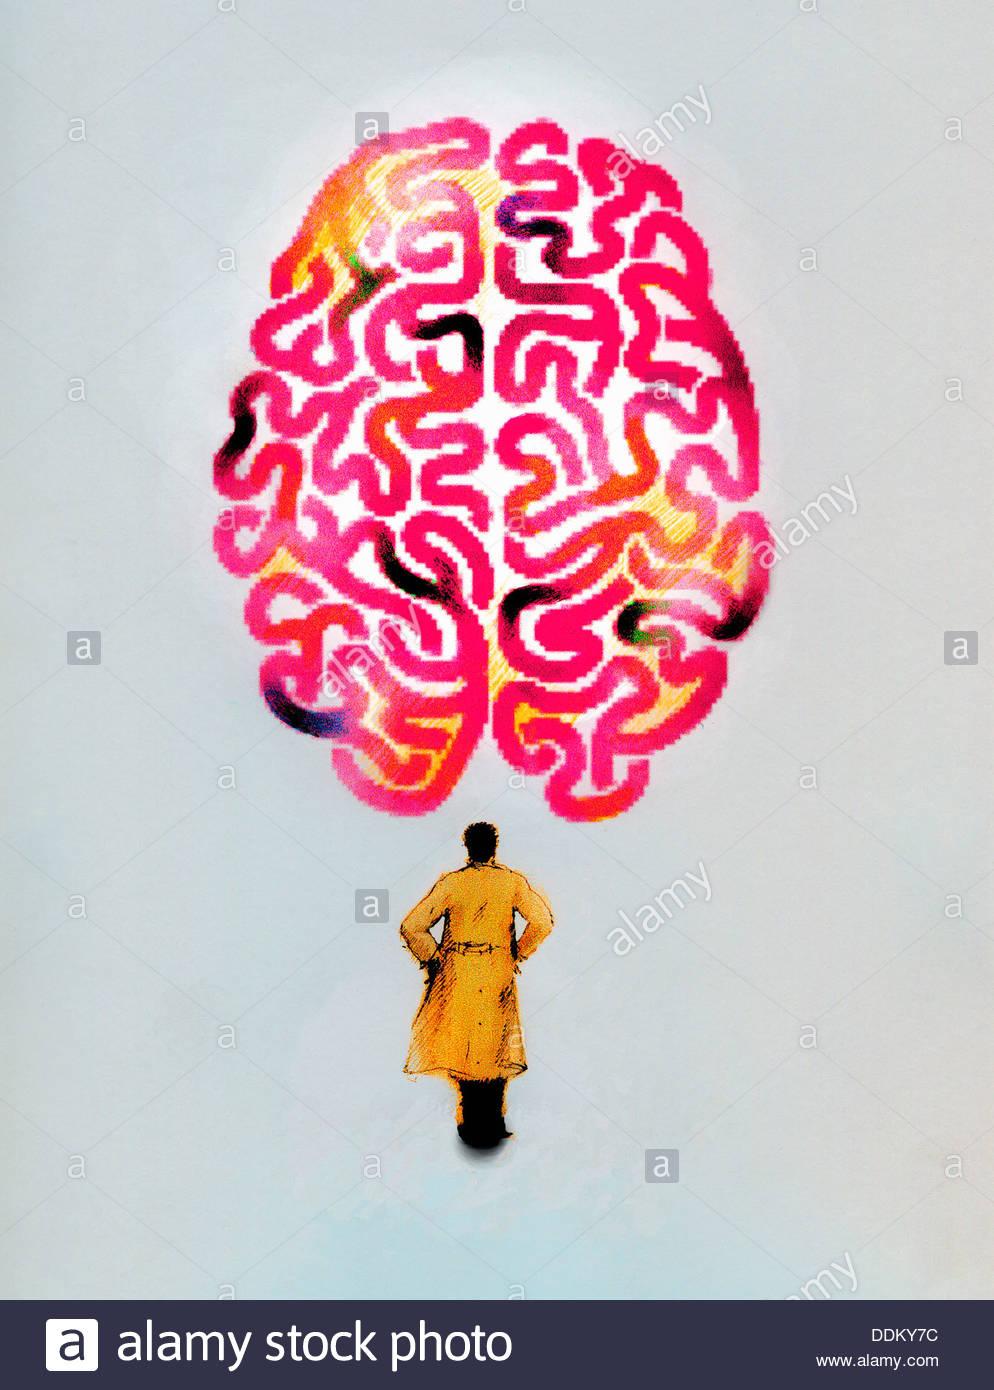 Hombre en trench coat mirando hacia arriba a un gran cerebro Imagen De Stock